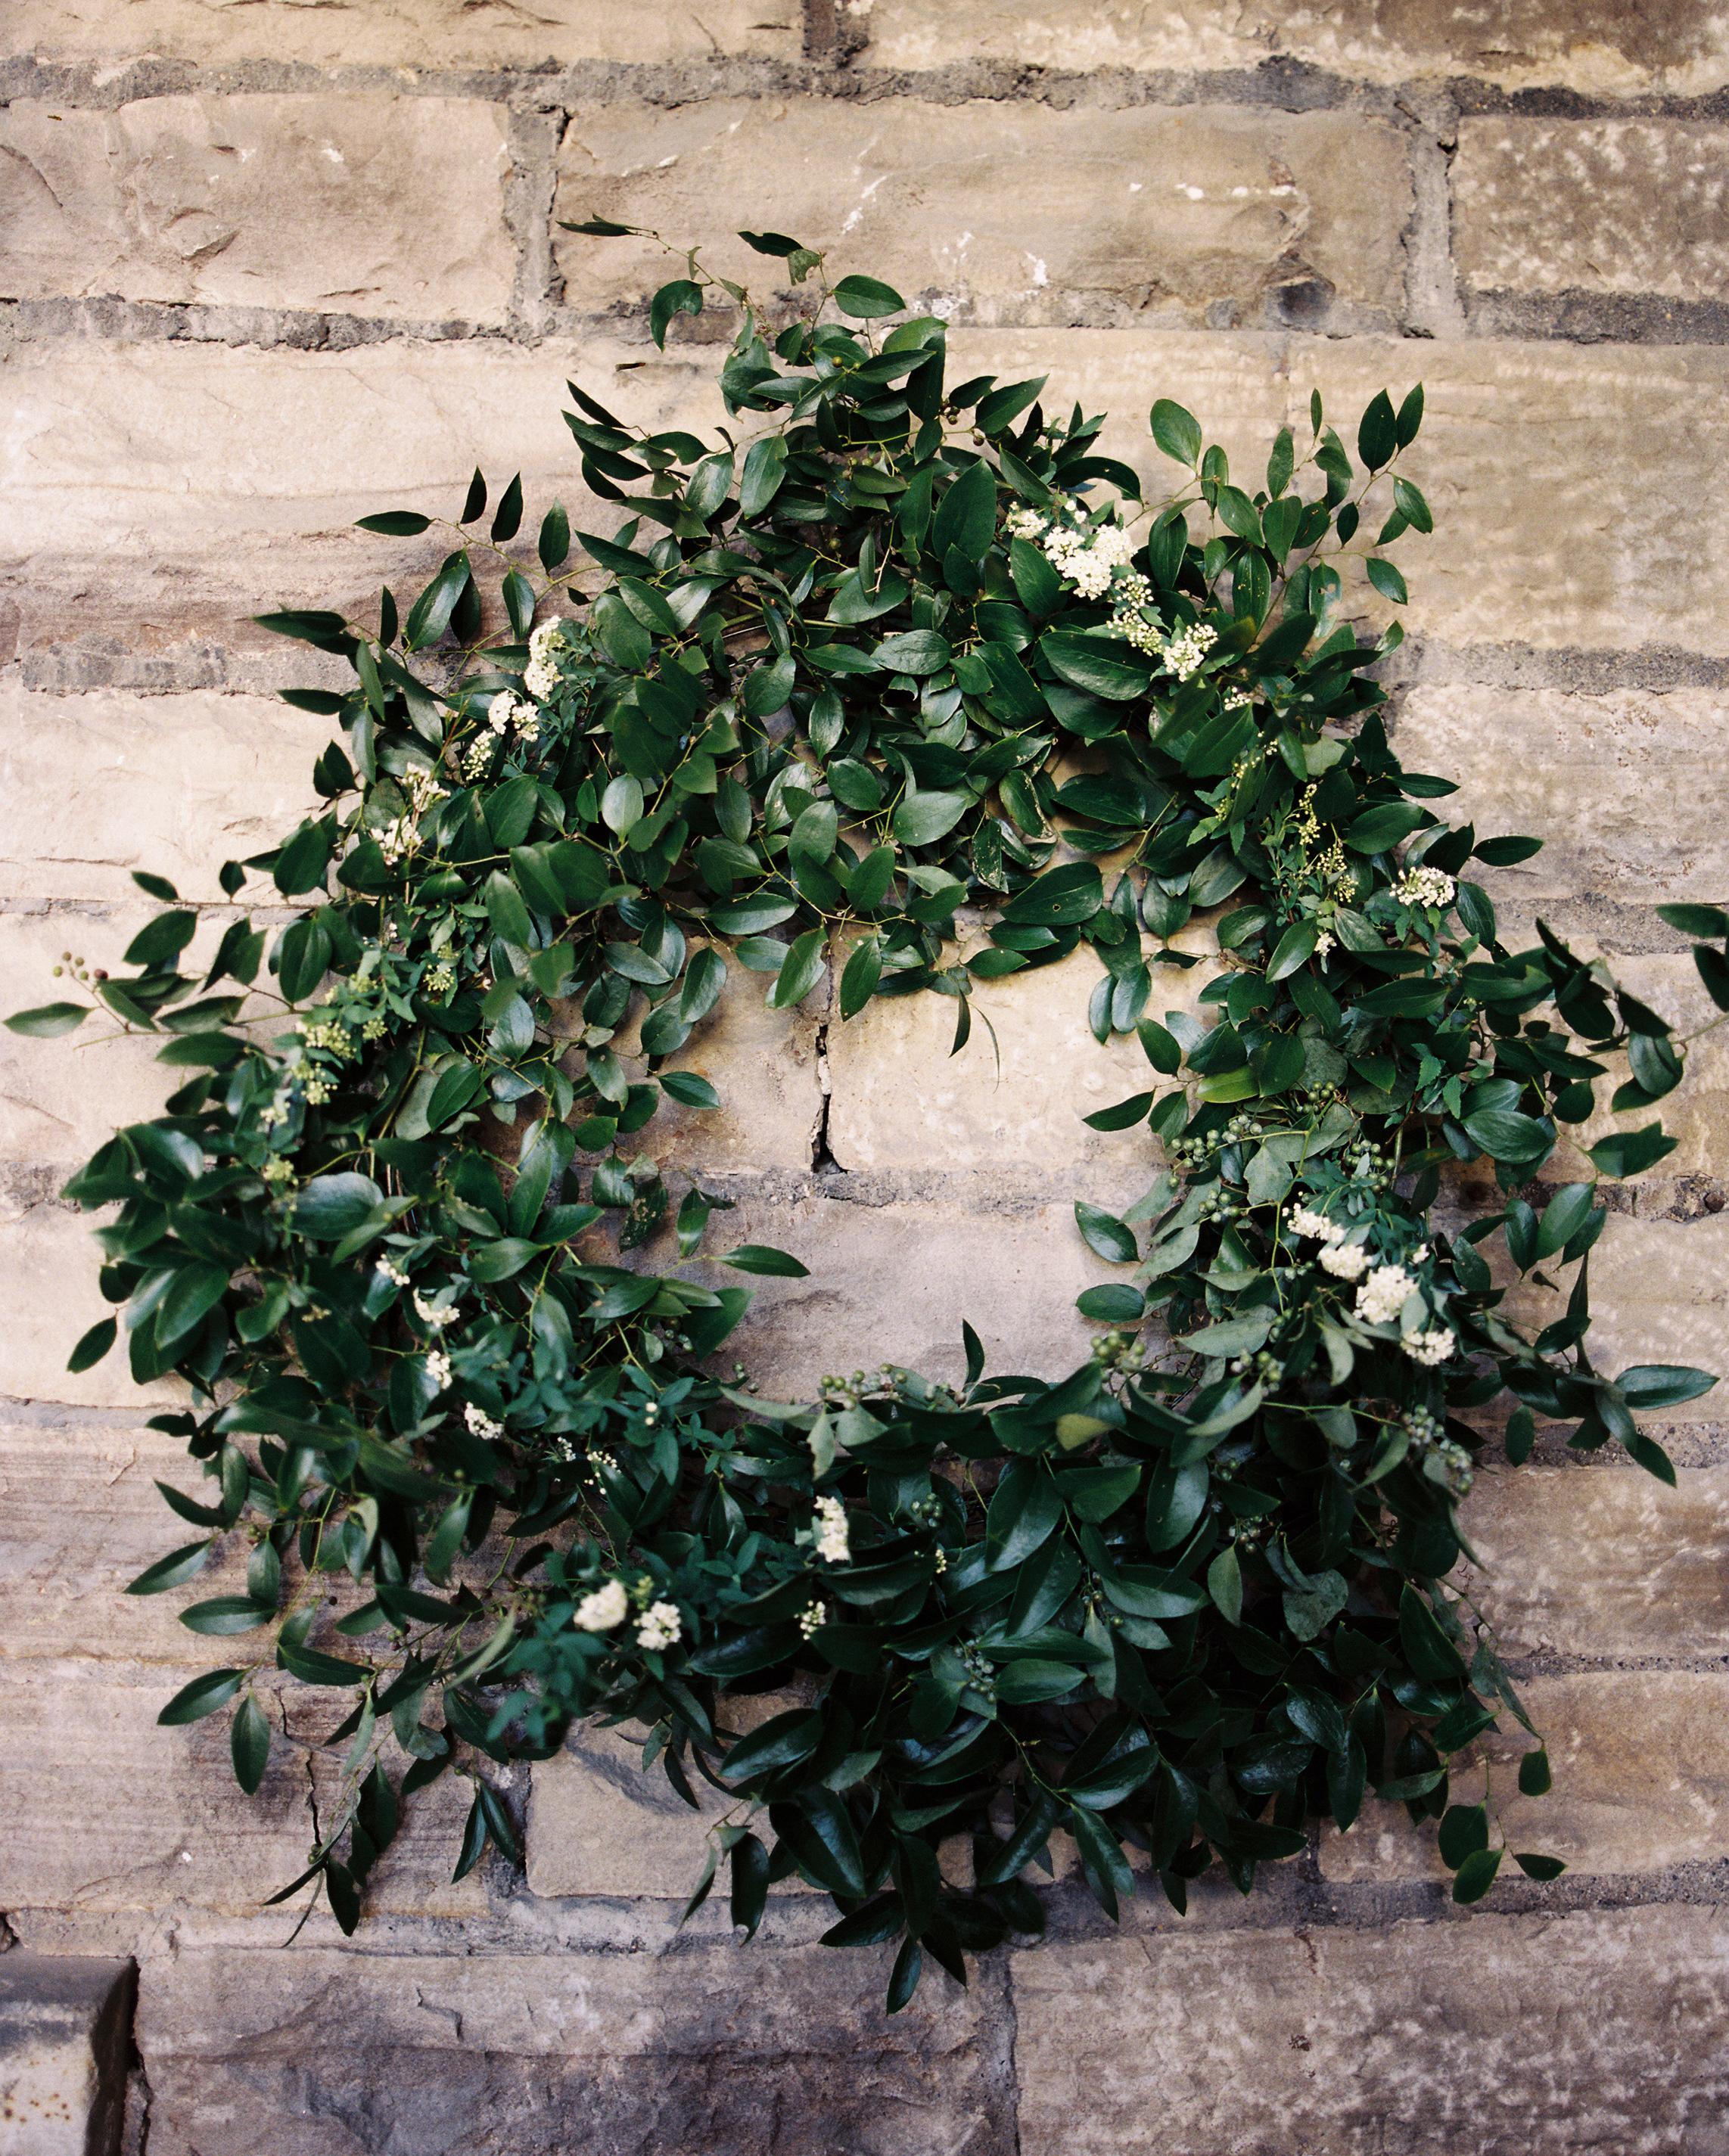 rachel-tyson-wedding-wreath-014-s112158-0915.jpg